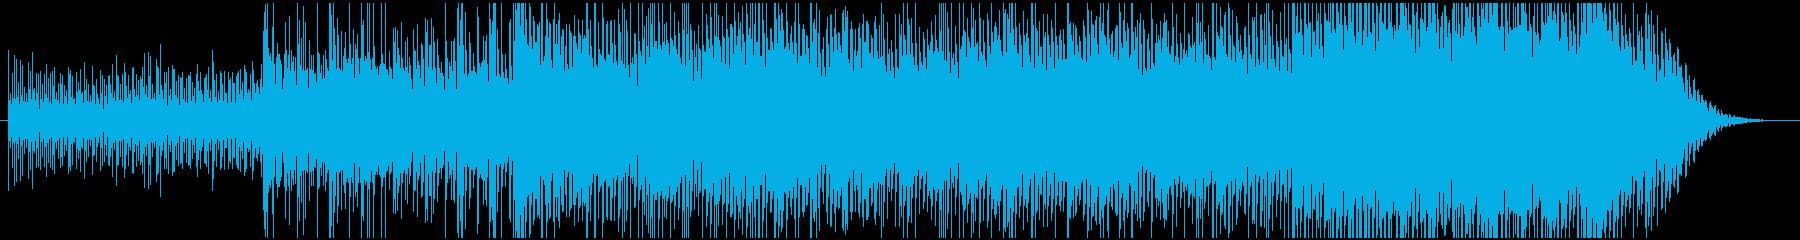 EDM、ループ:ゲームの飛空挺っぽいの再生済みの波形